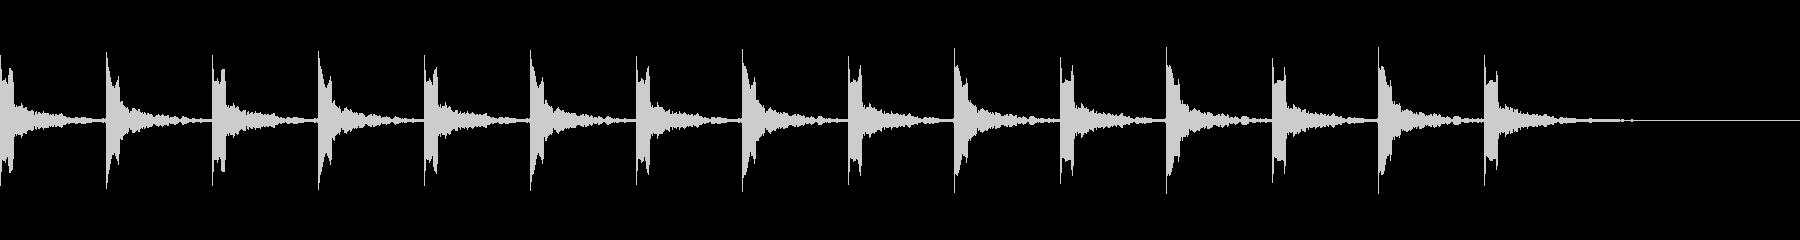 カウント15秒シンプル ピッピ の未再生の波形